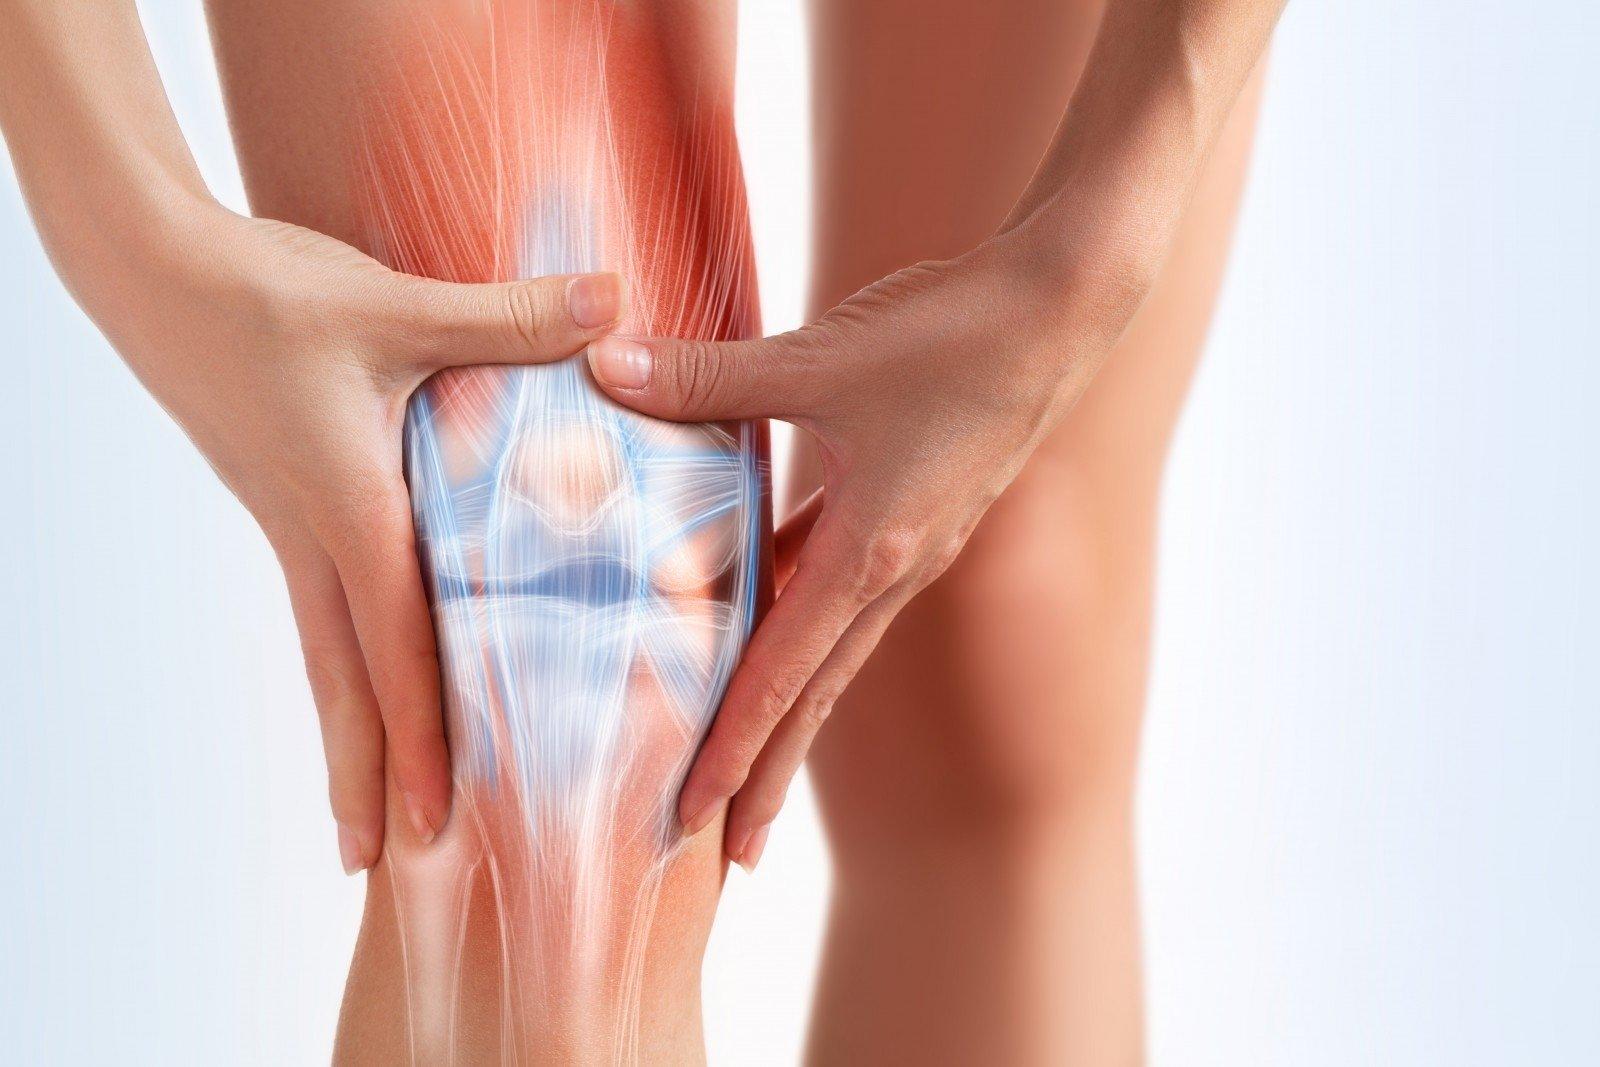 mazi sąnarių ir lowerback skausmas sąnarių ir nugaros